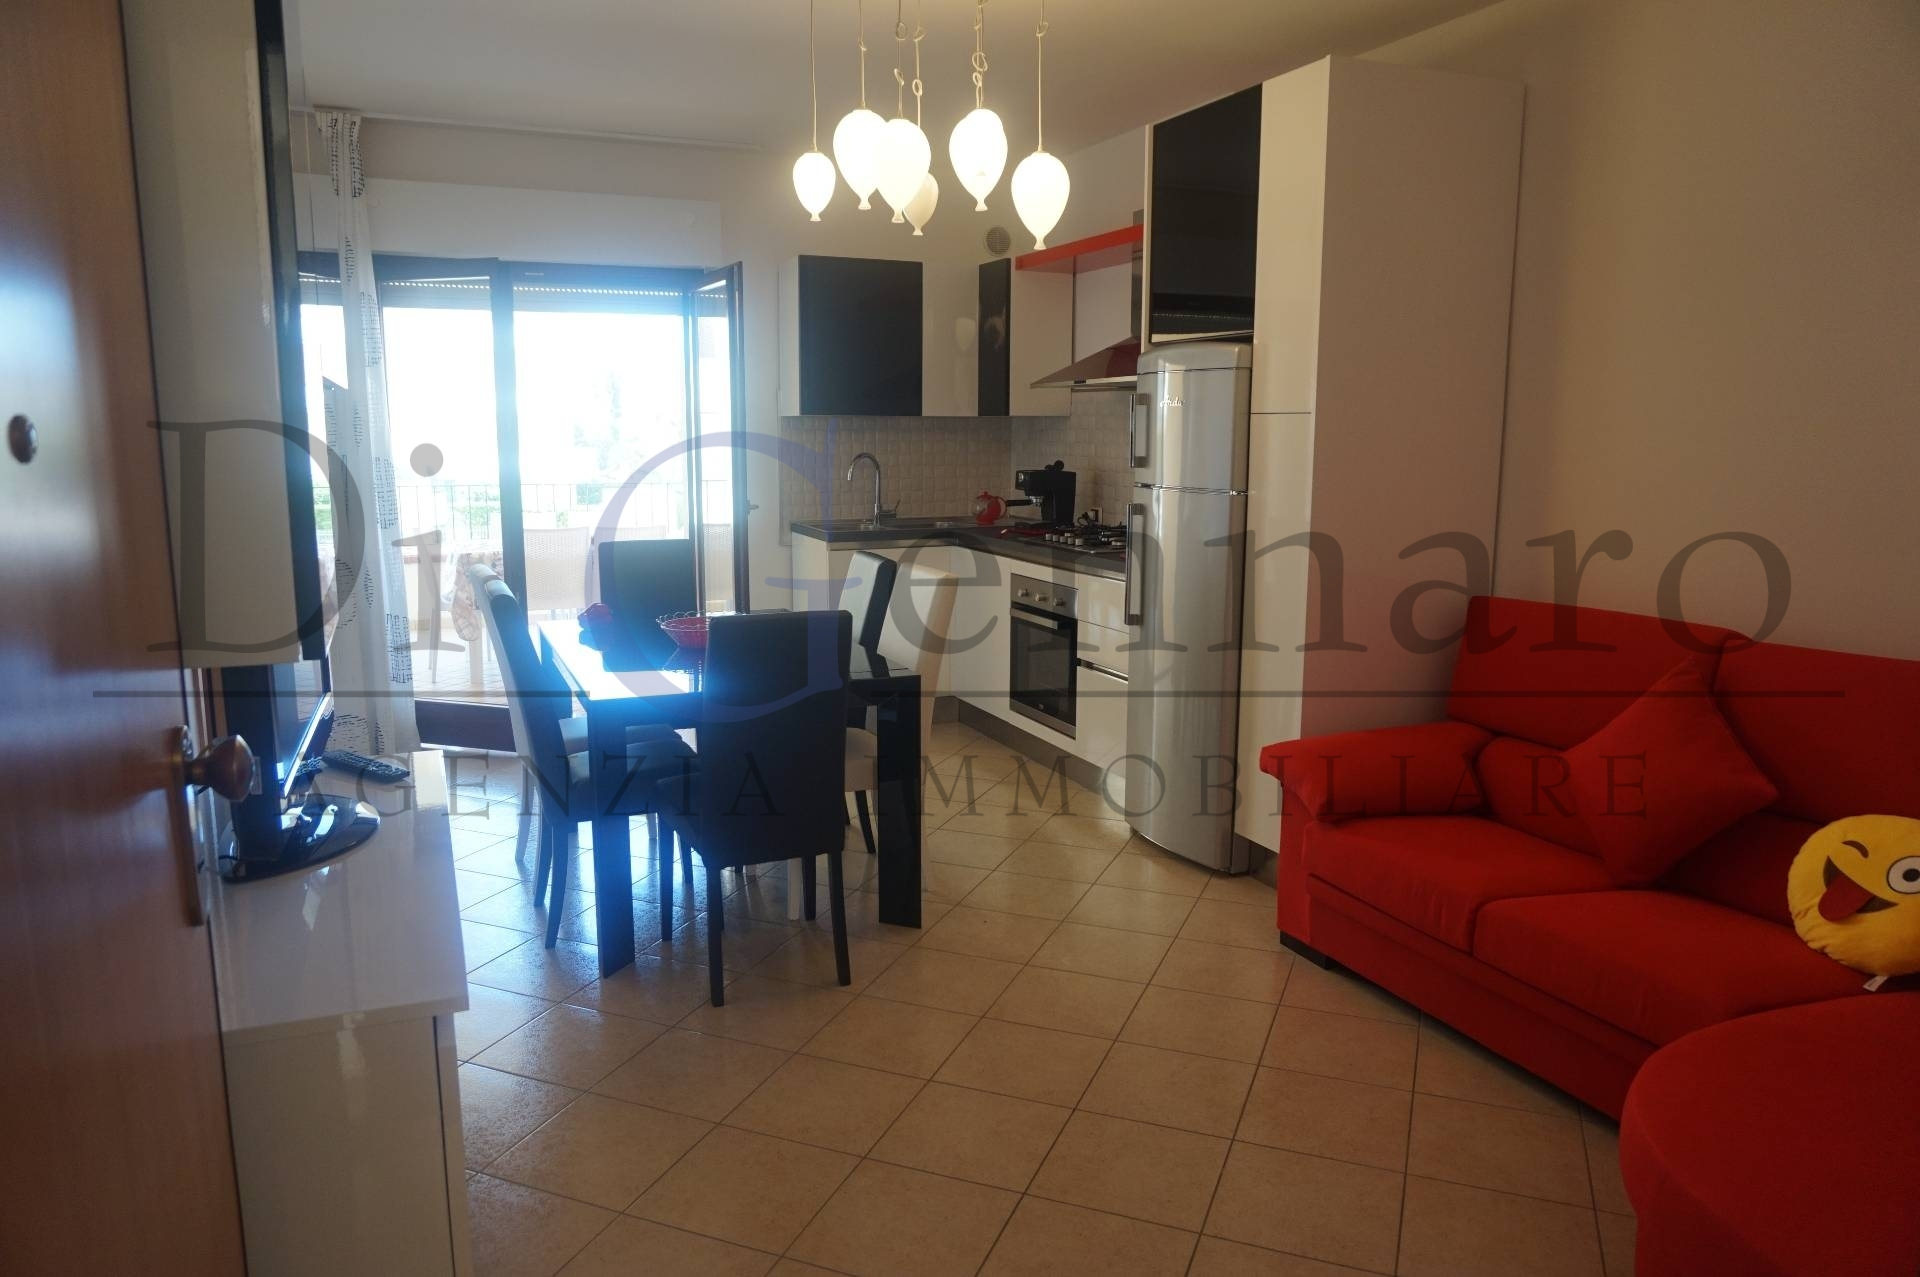 vendita appartamento alba adriatica zona mare  135000 euro  3 locali  65 mq